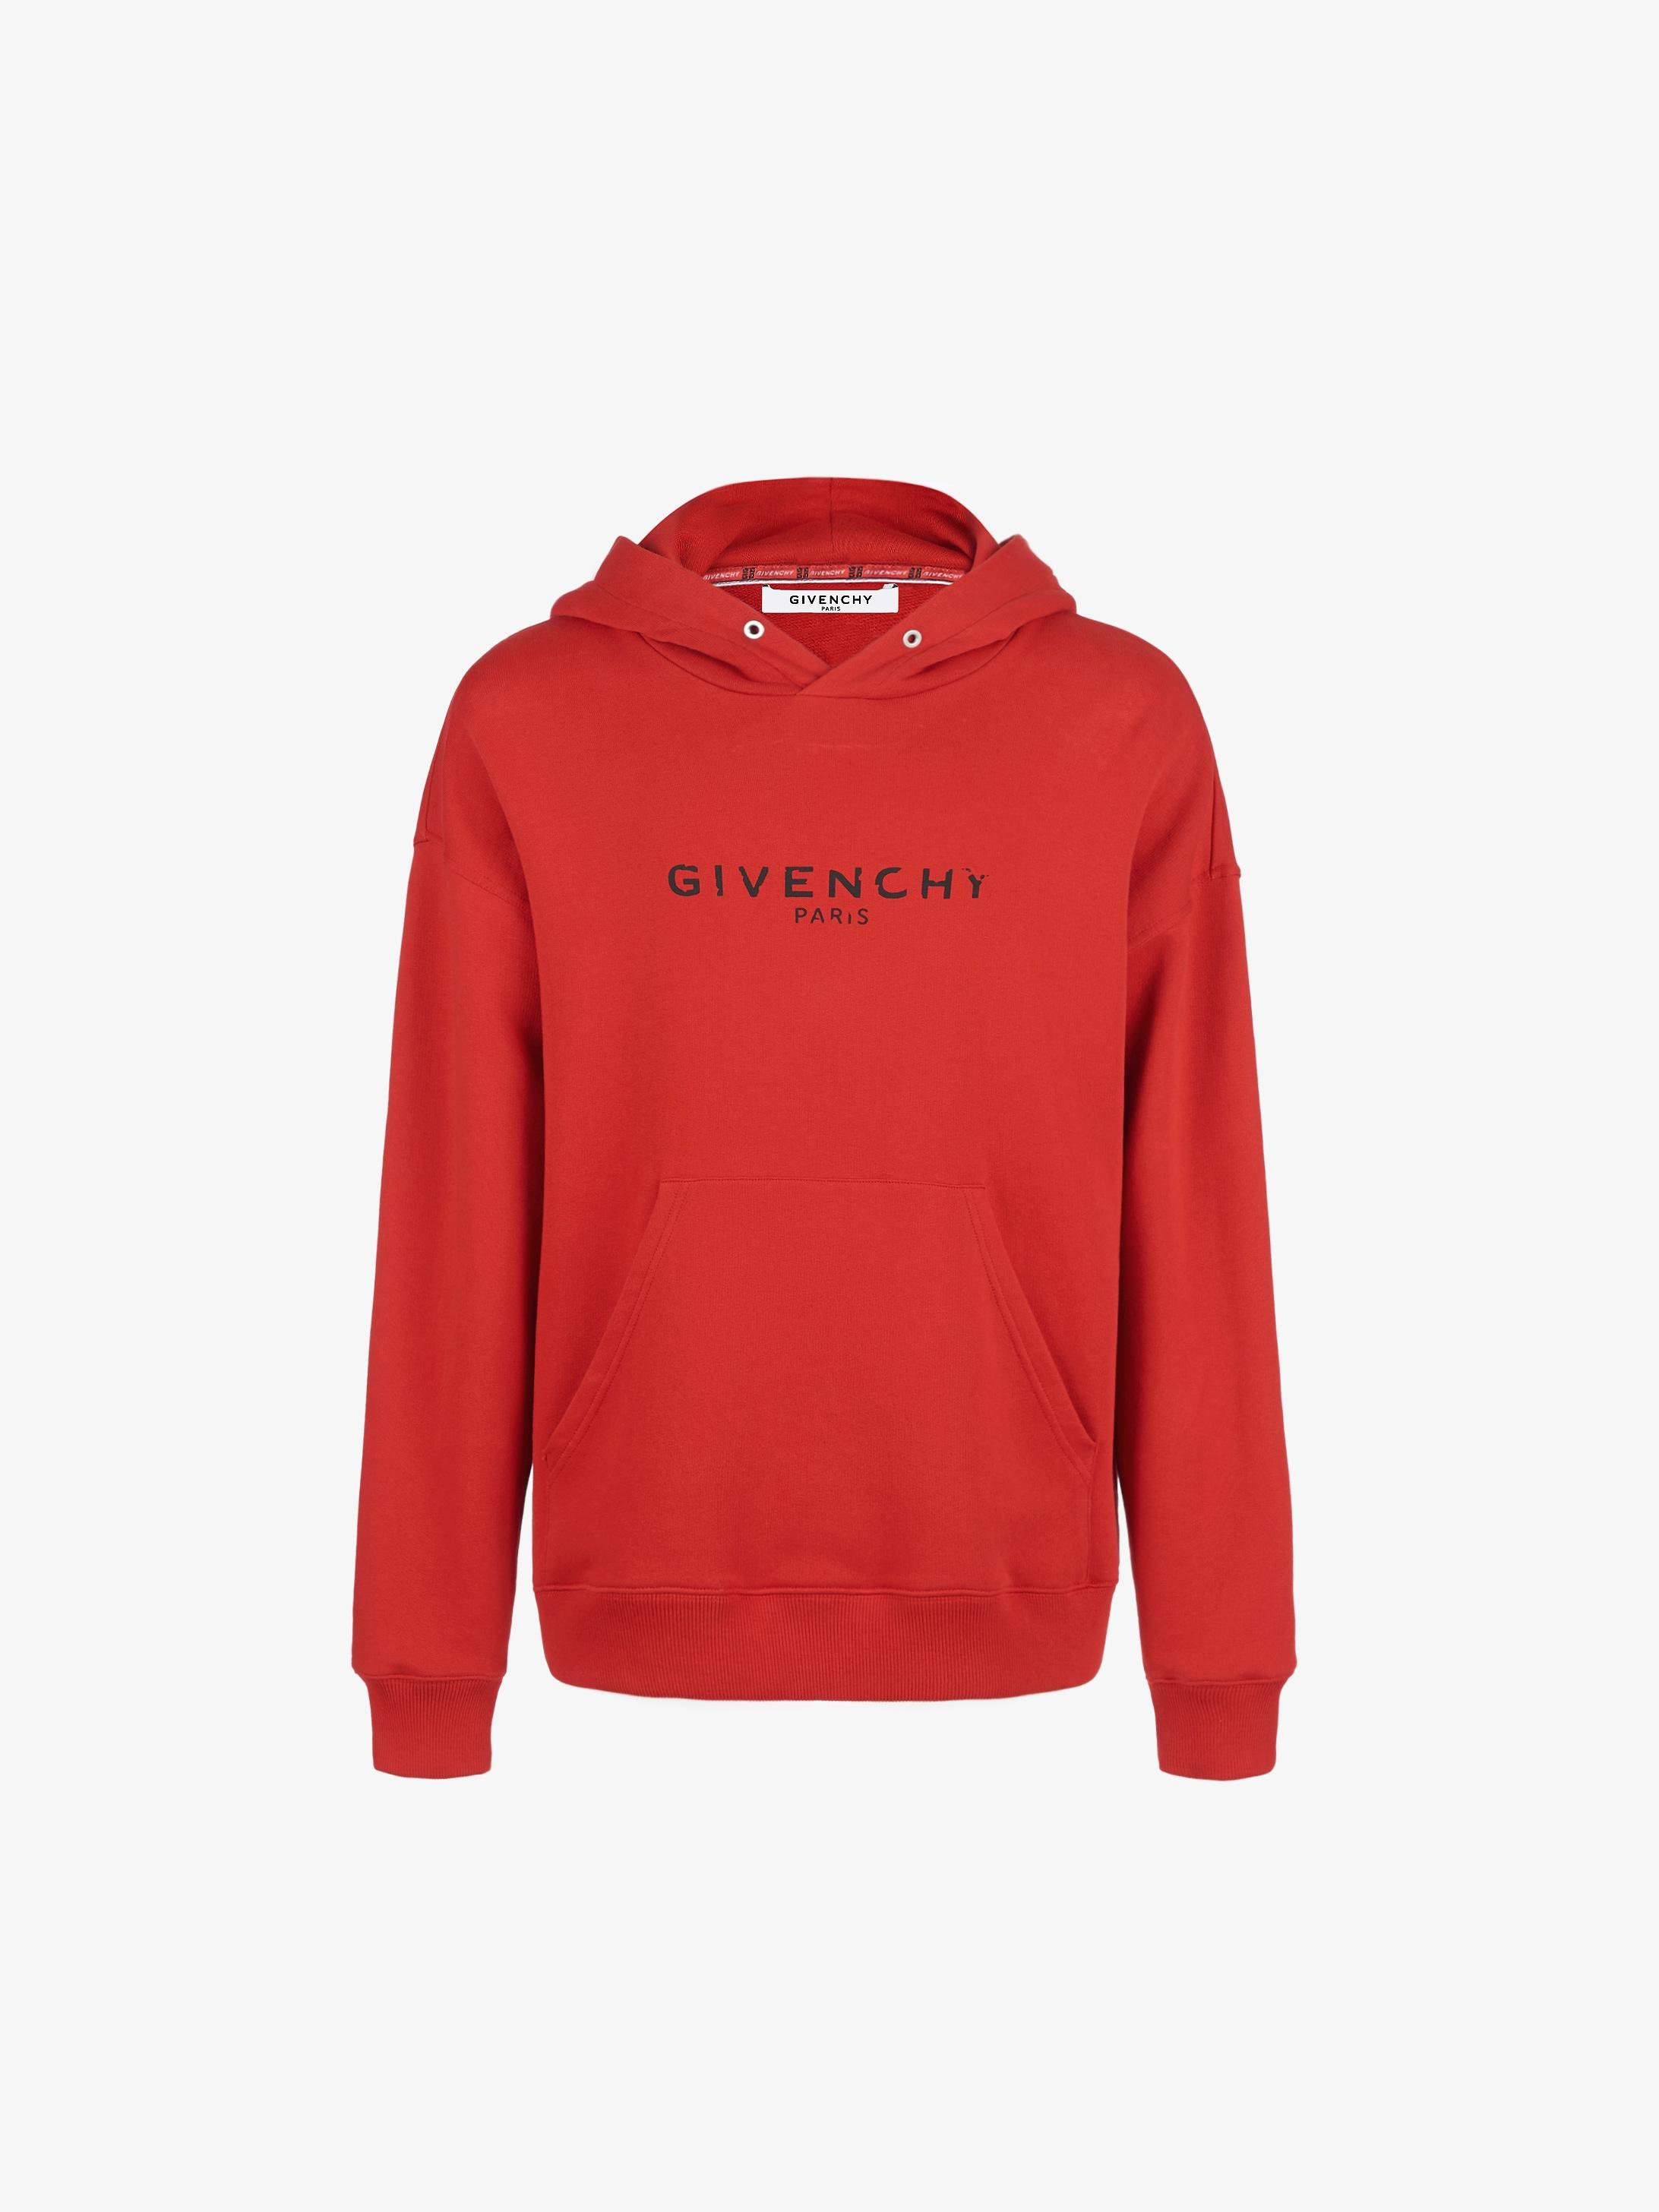 GIVENCHY PARIS vintage hoodie